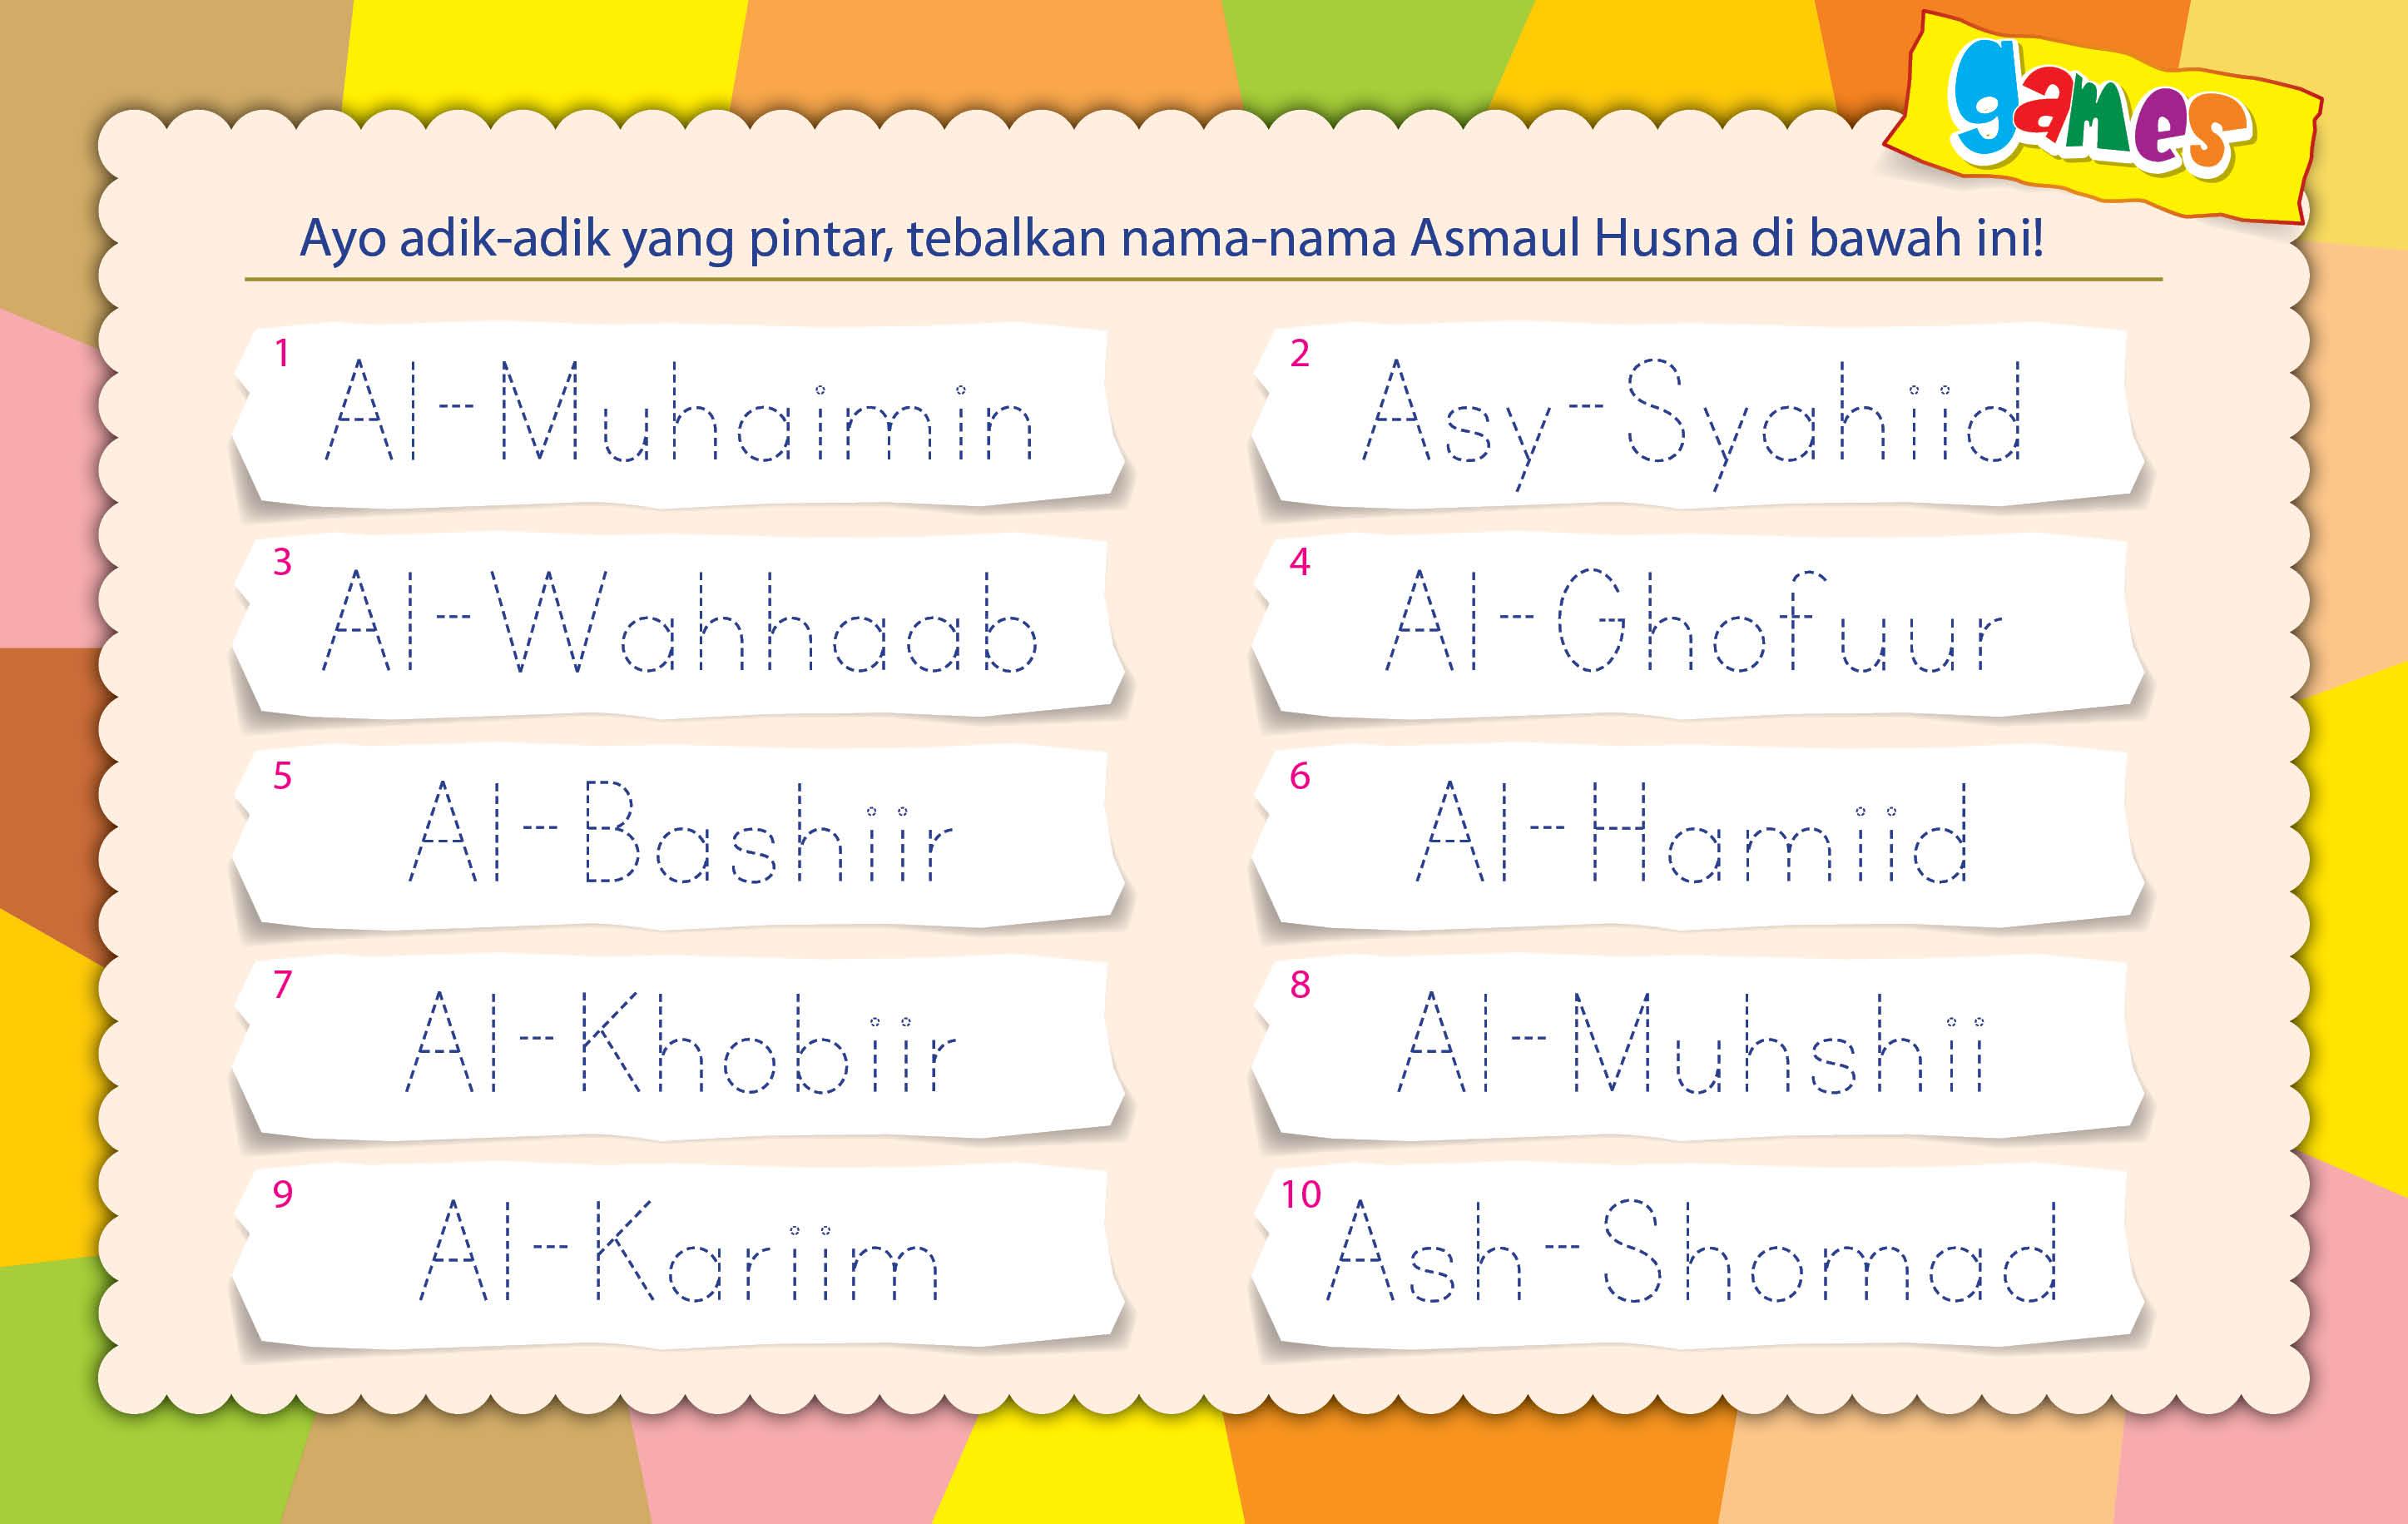 Ayo adik-adik yang pintar, tebalkan nama-nama Asmaul Husna di bawah ini!